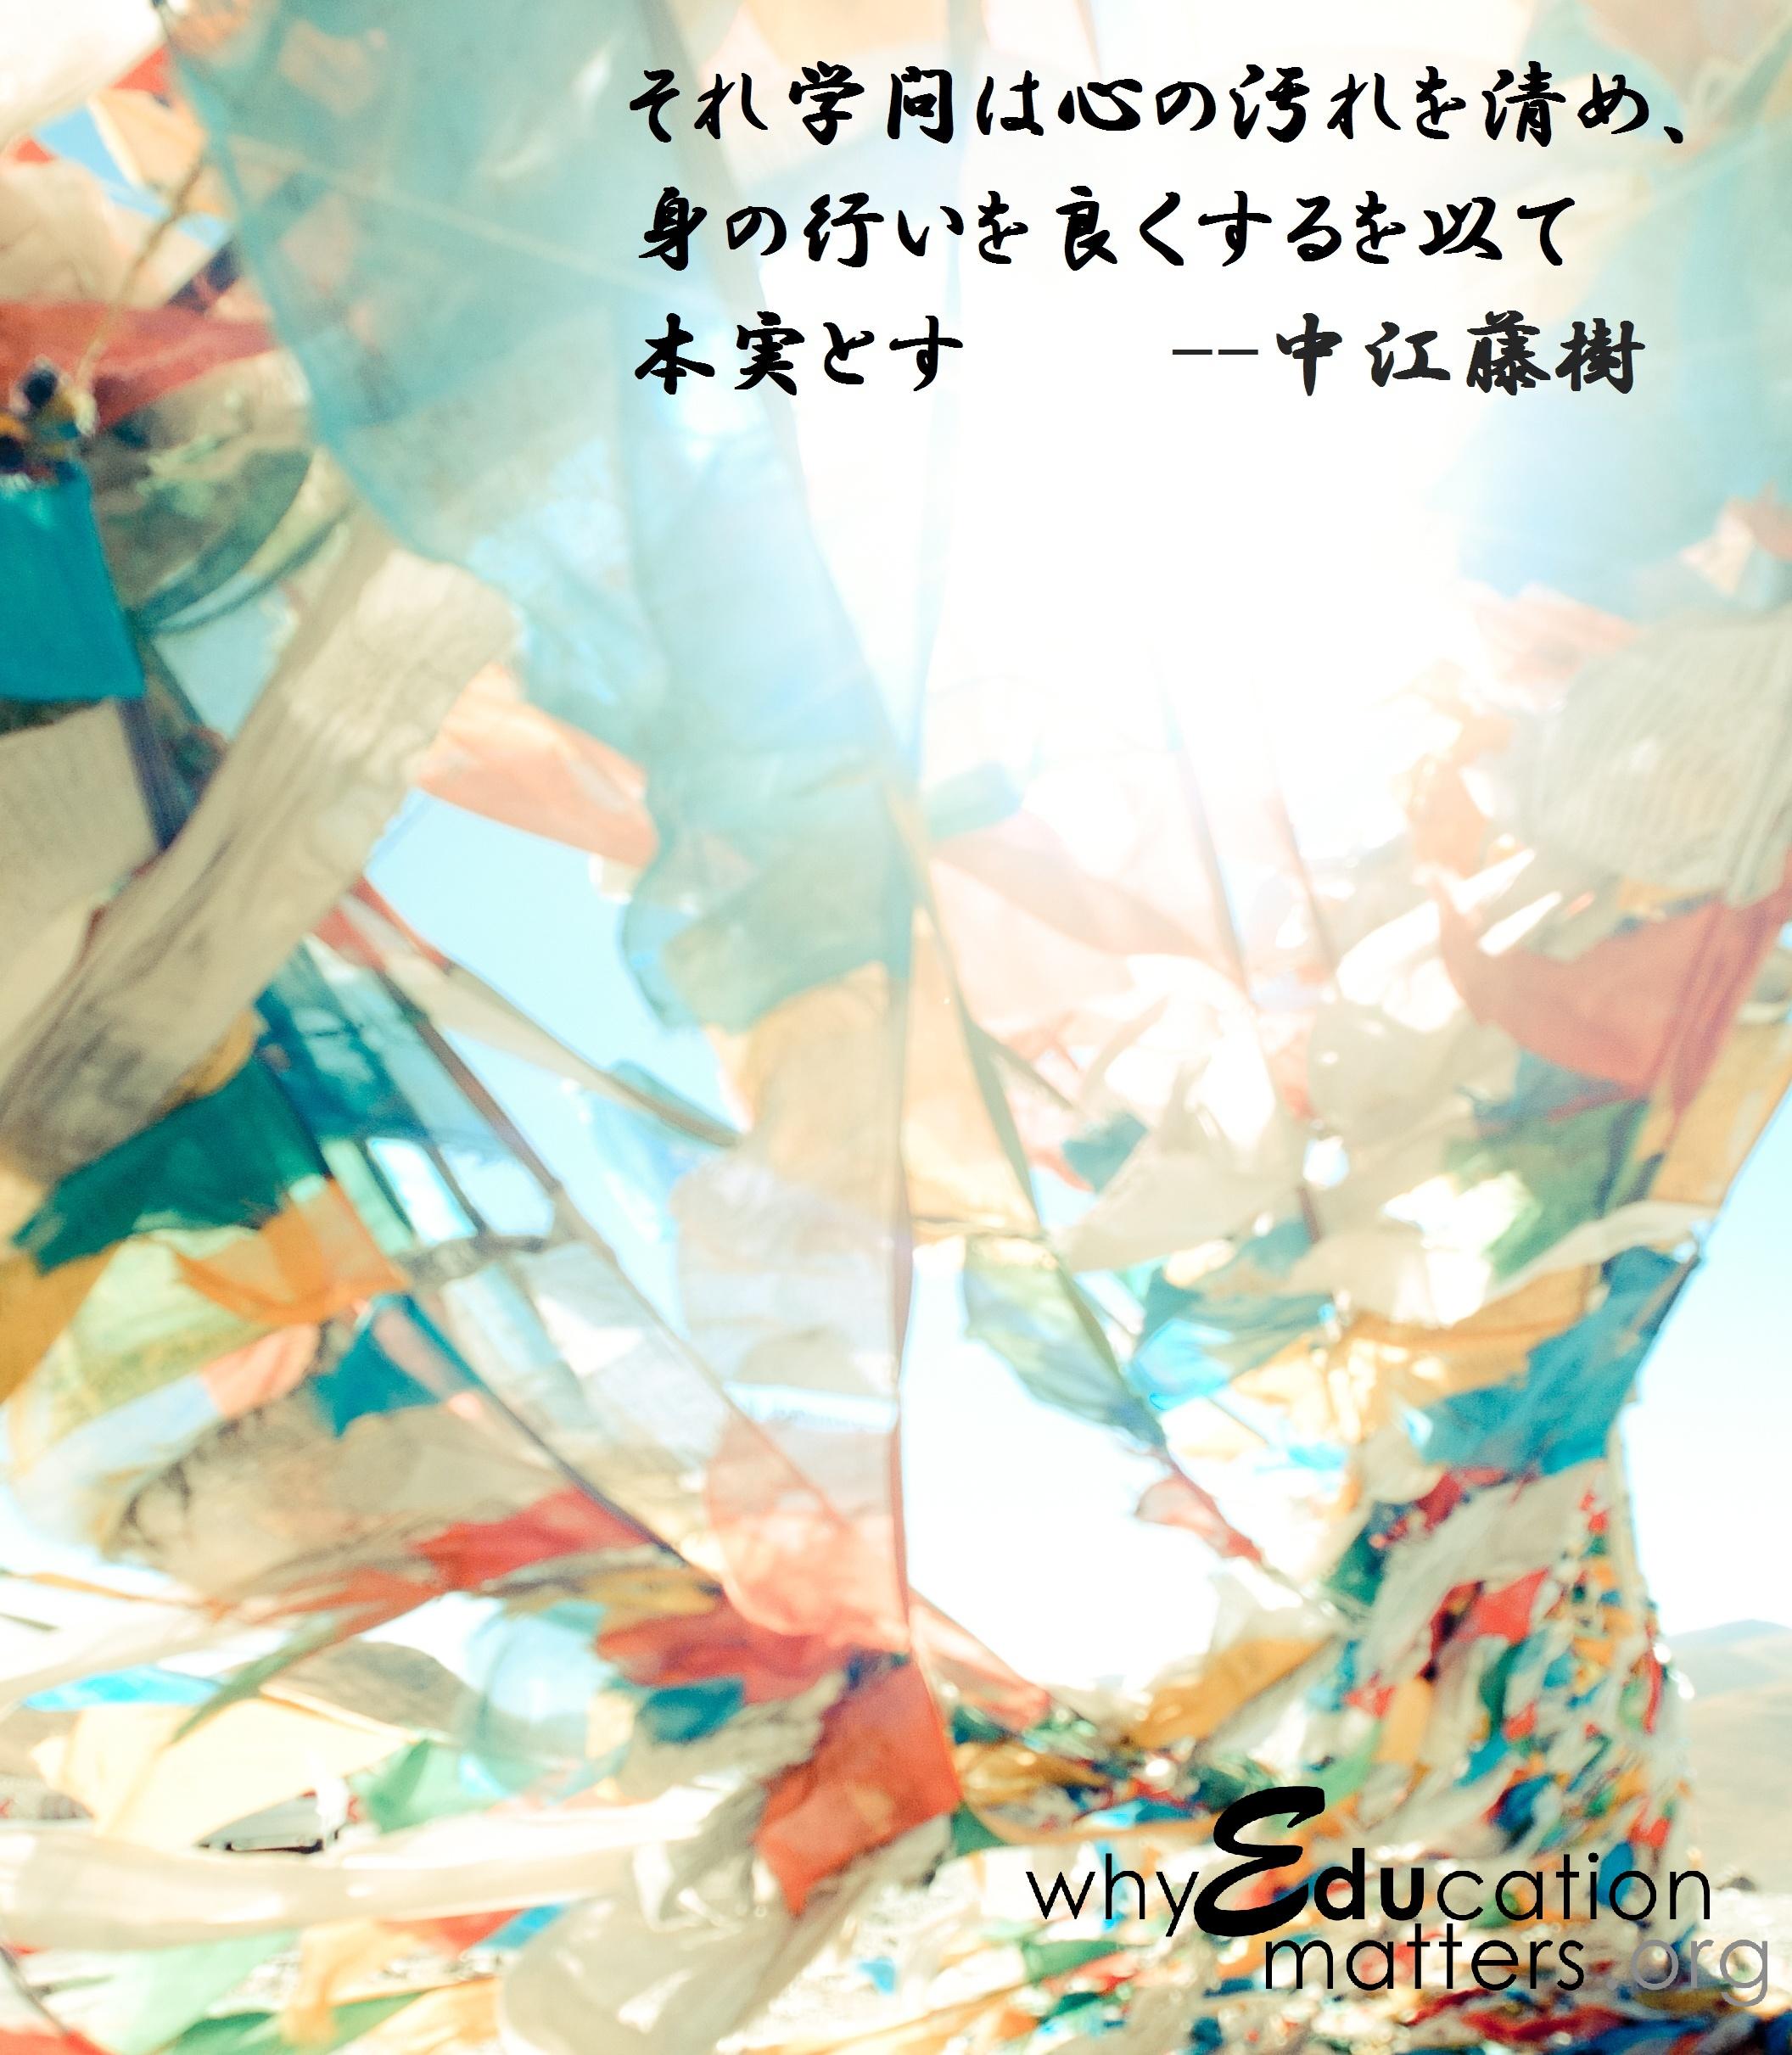 それ学問は心の汚れを清め、身の行いを良くするを以て本実とす --中江藤樹